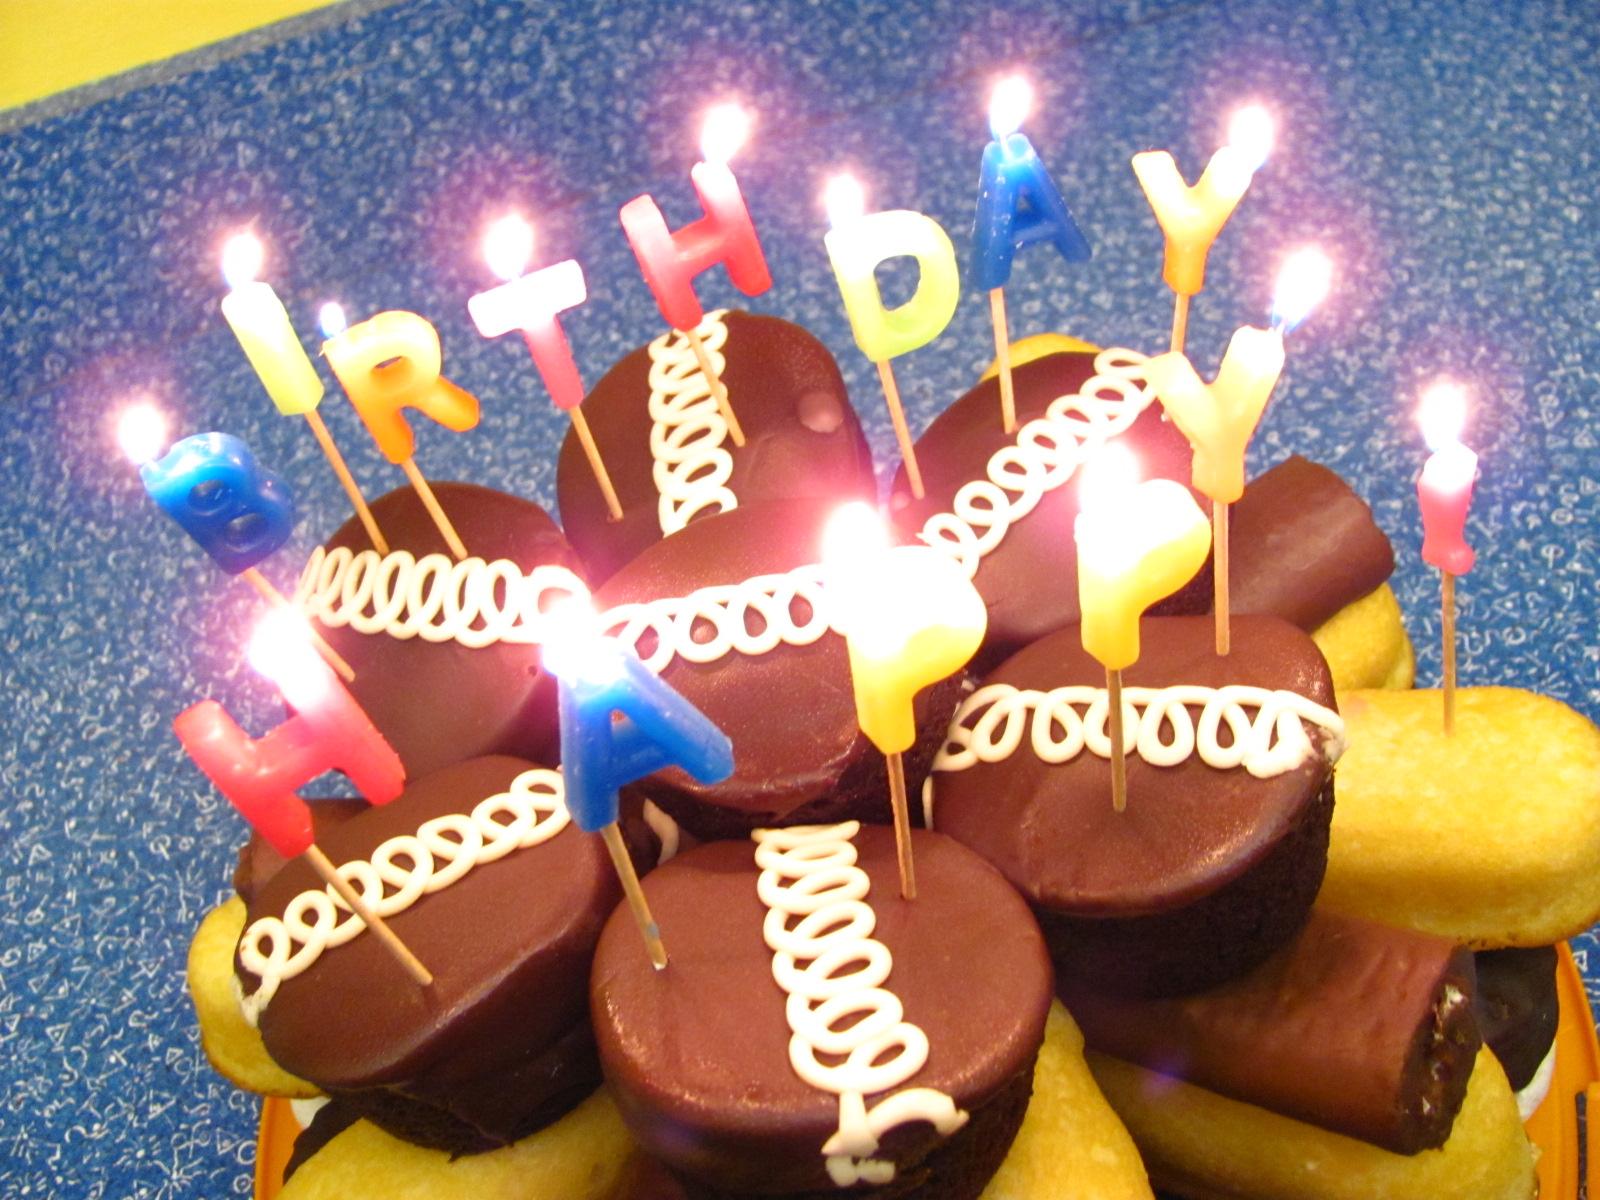 Про качков, картинки с днем рождения мальчику 30 лет